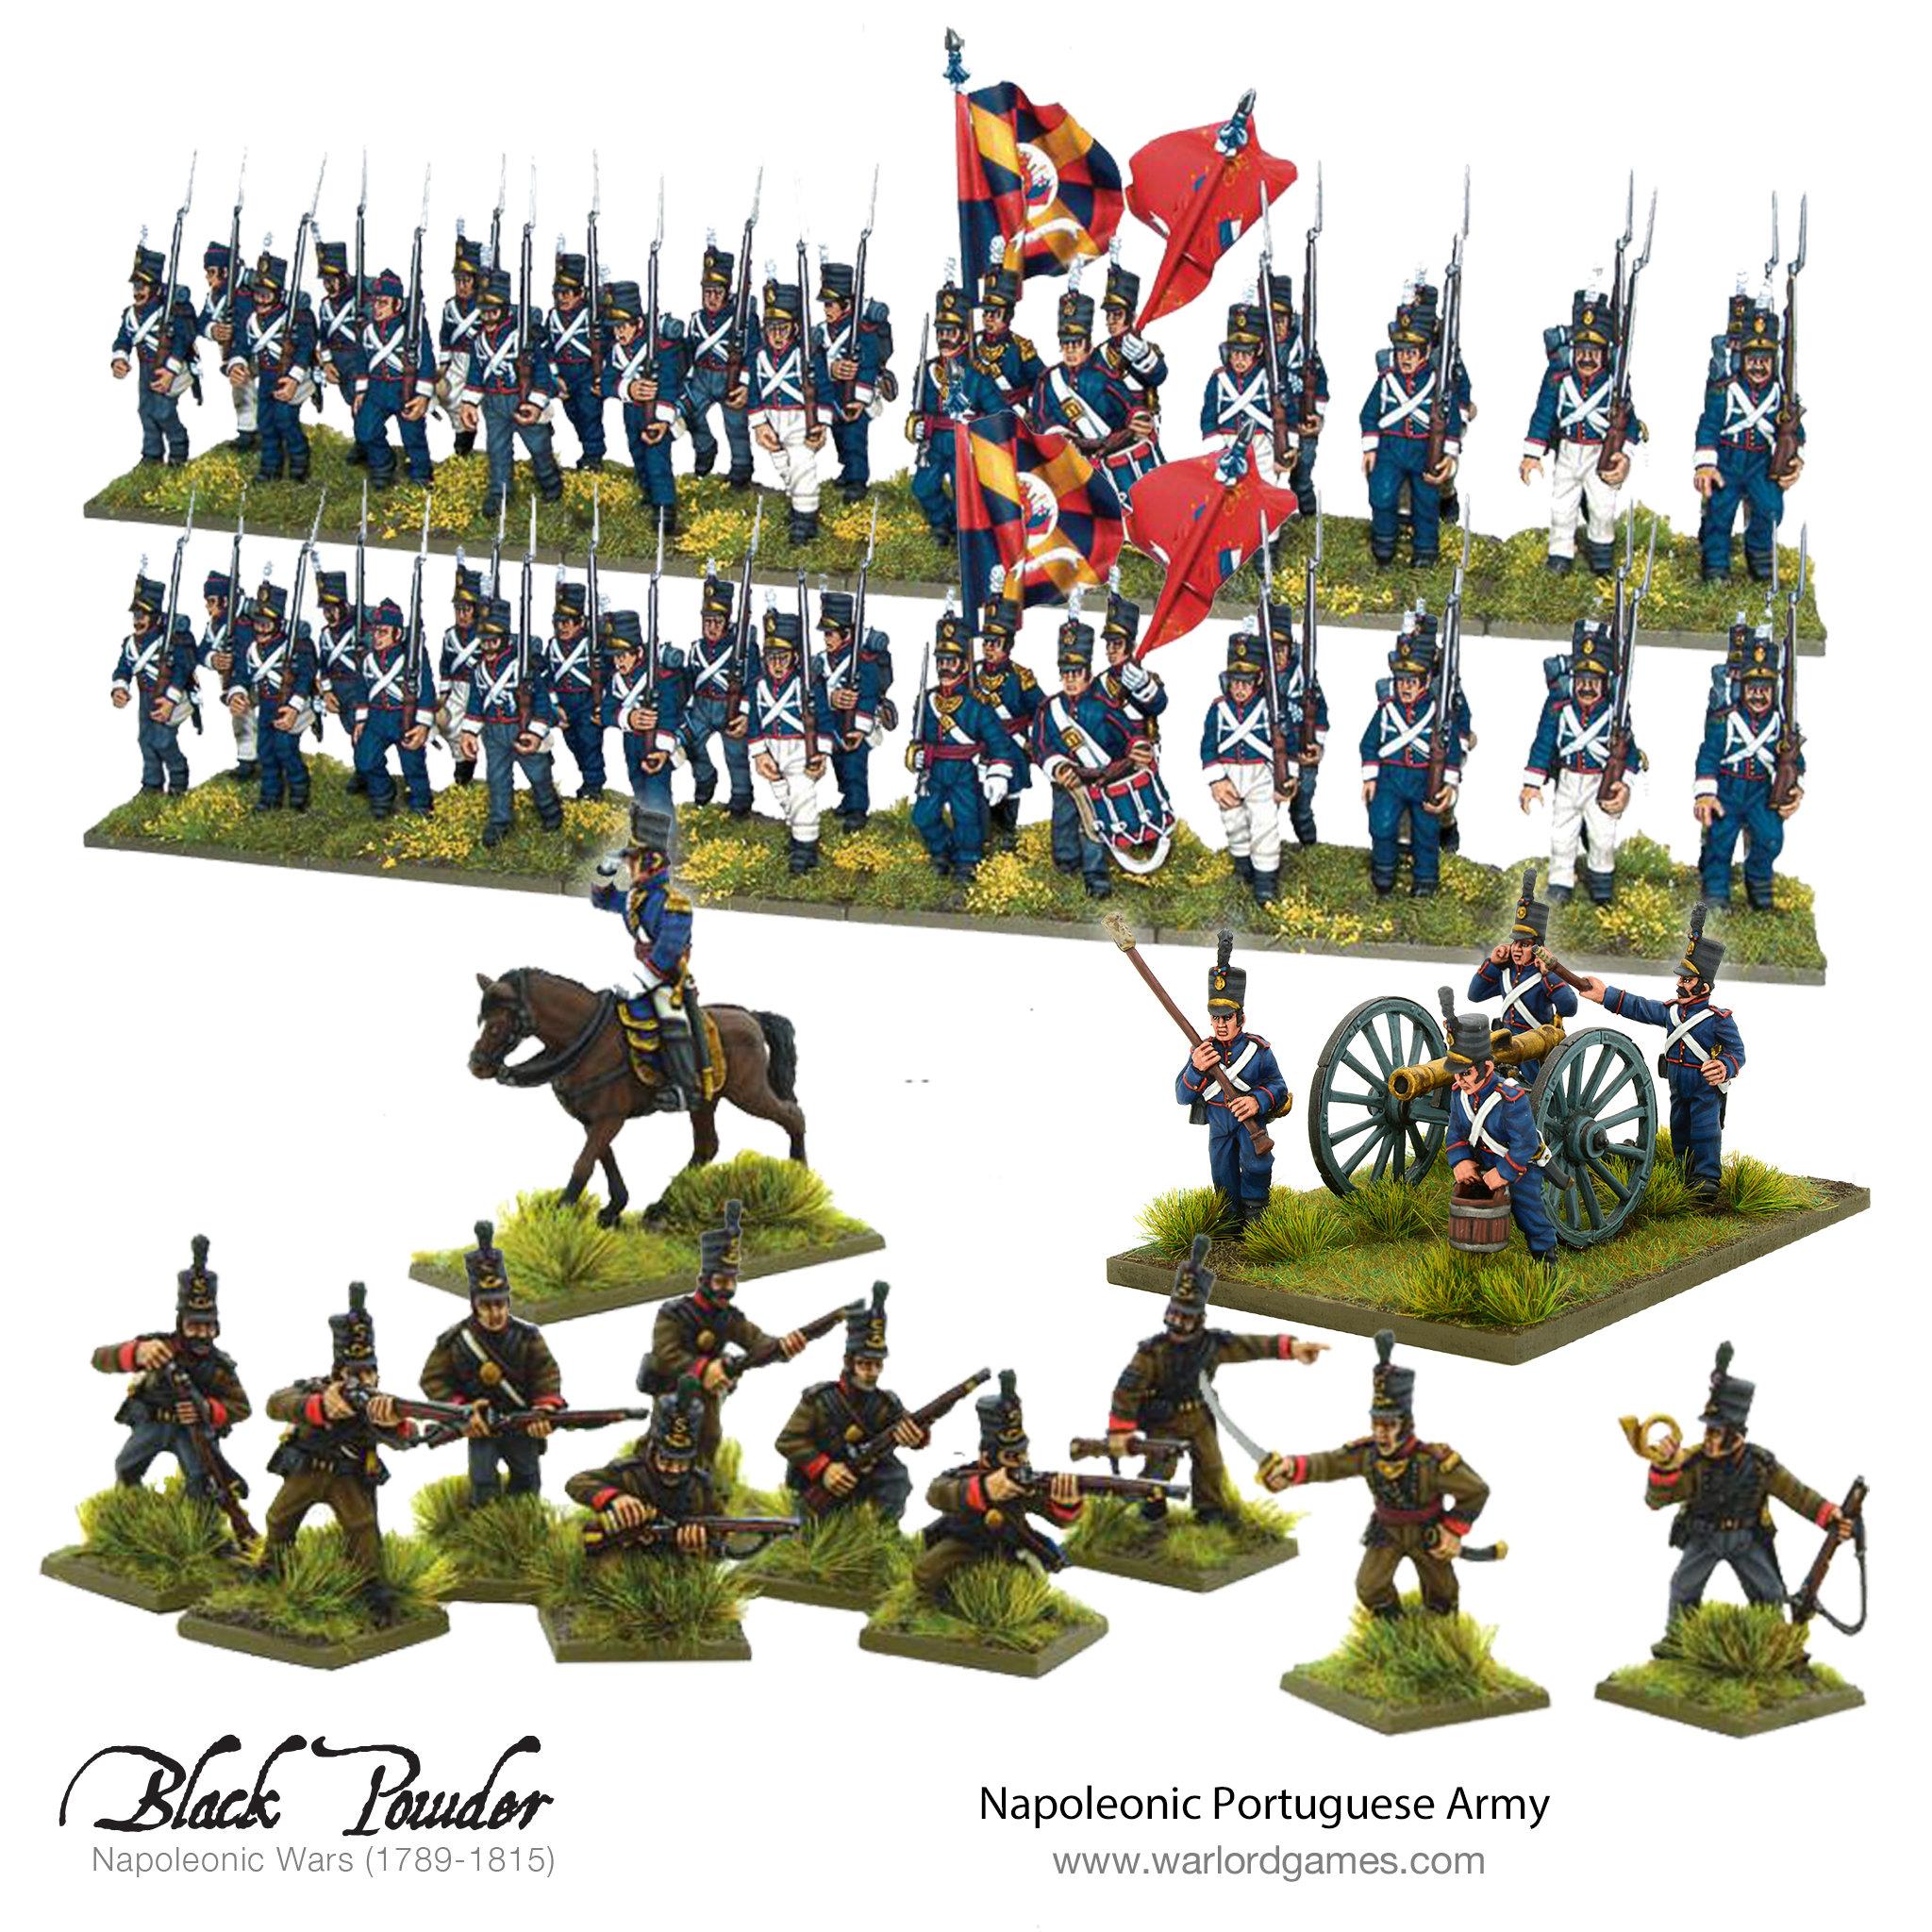 Napoleonic Portuguese Army